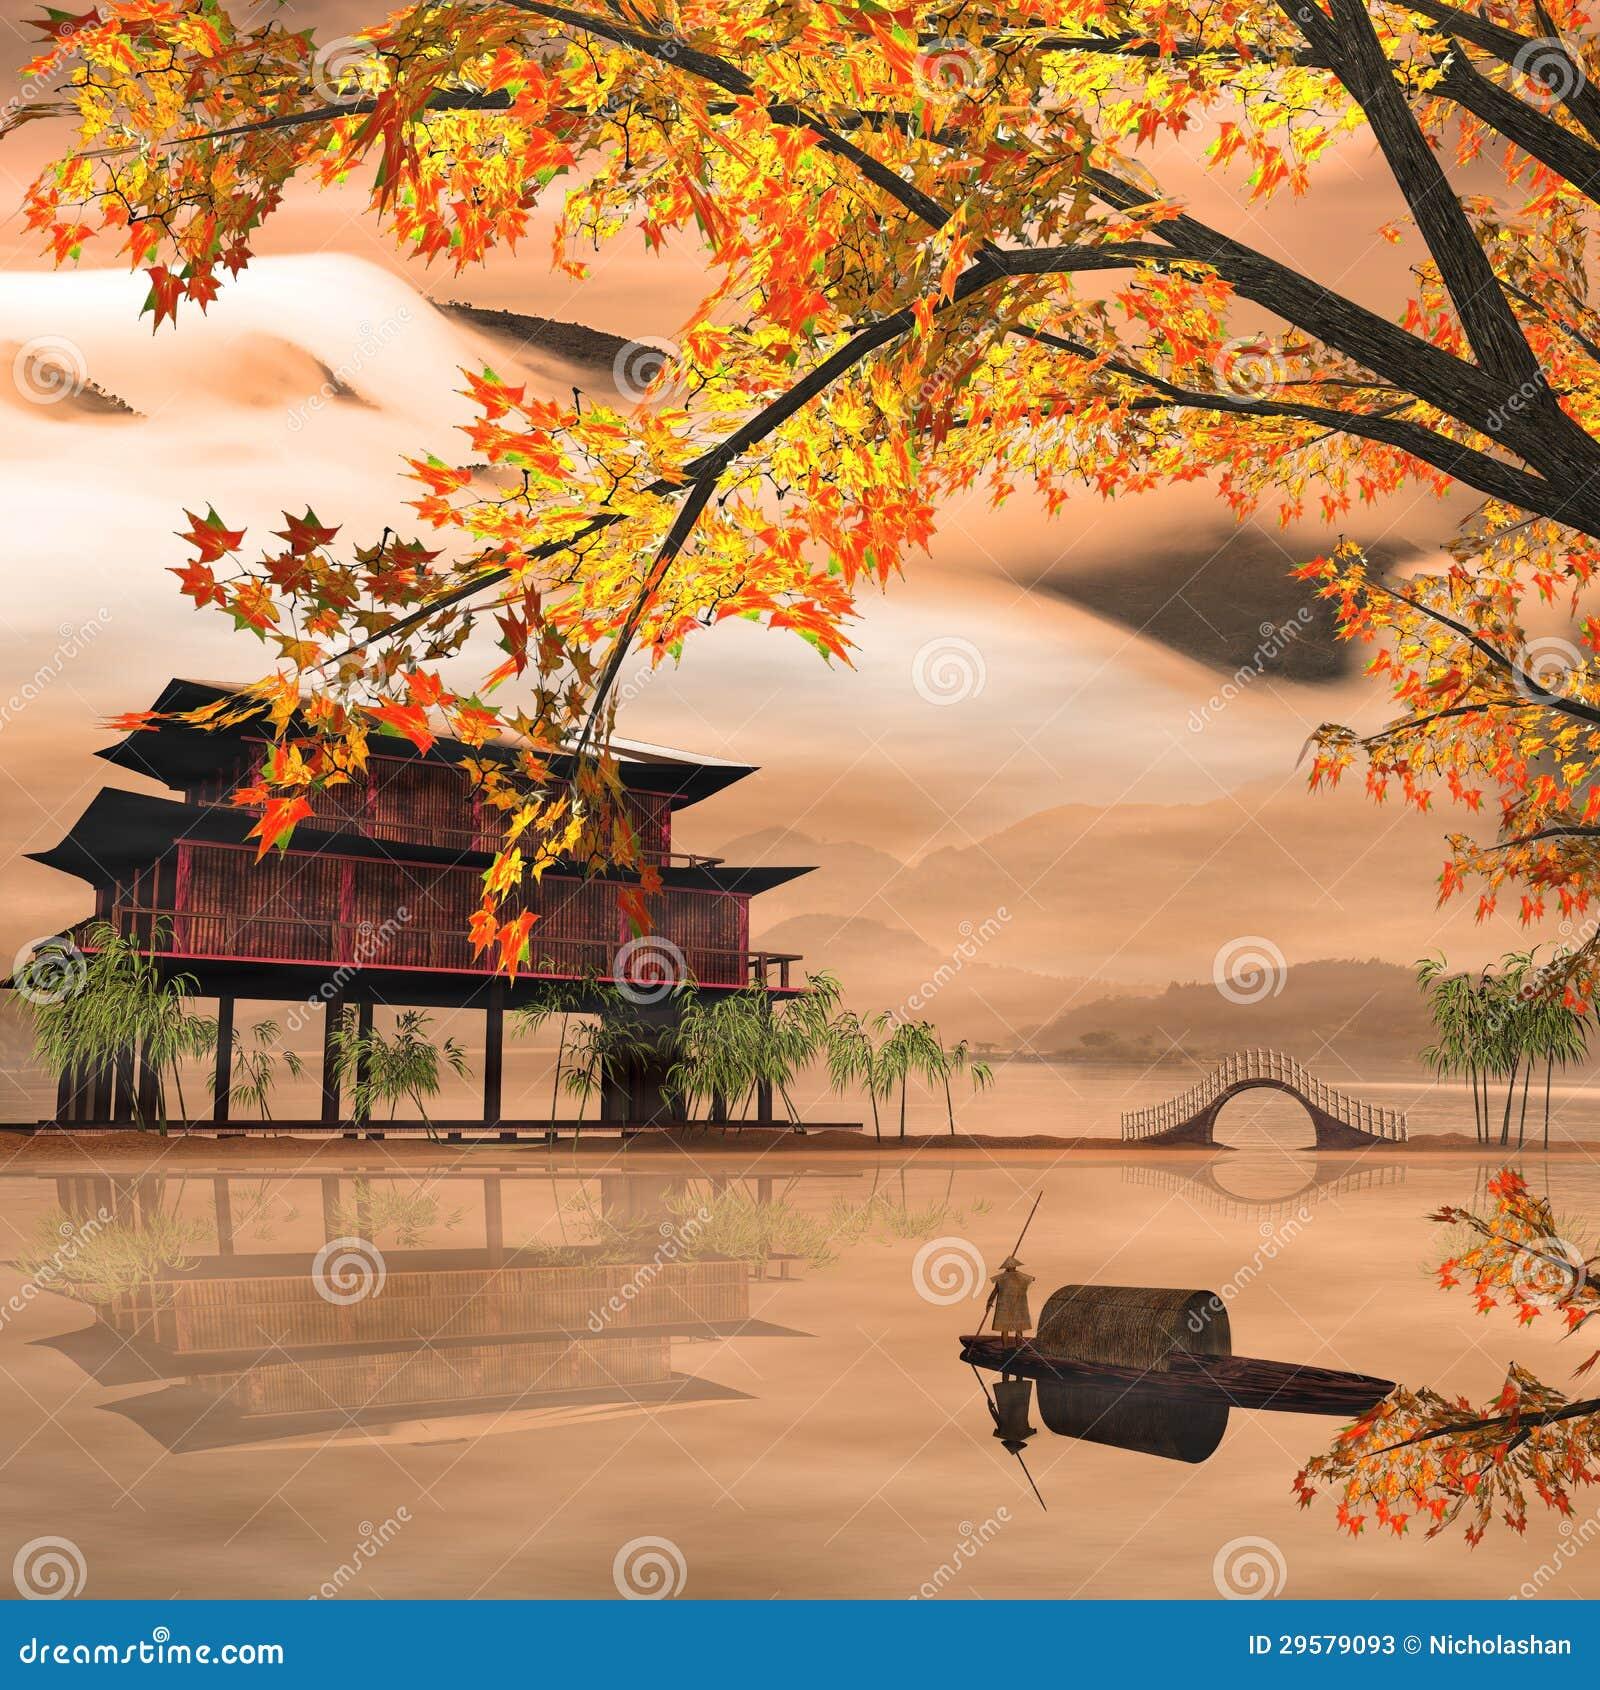 China Painting Style Landscape Stock Photos Image 29579093